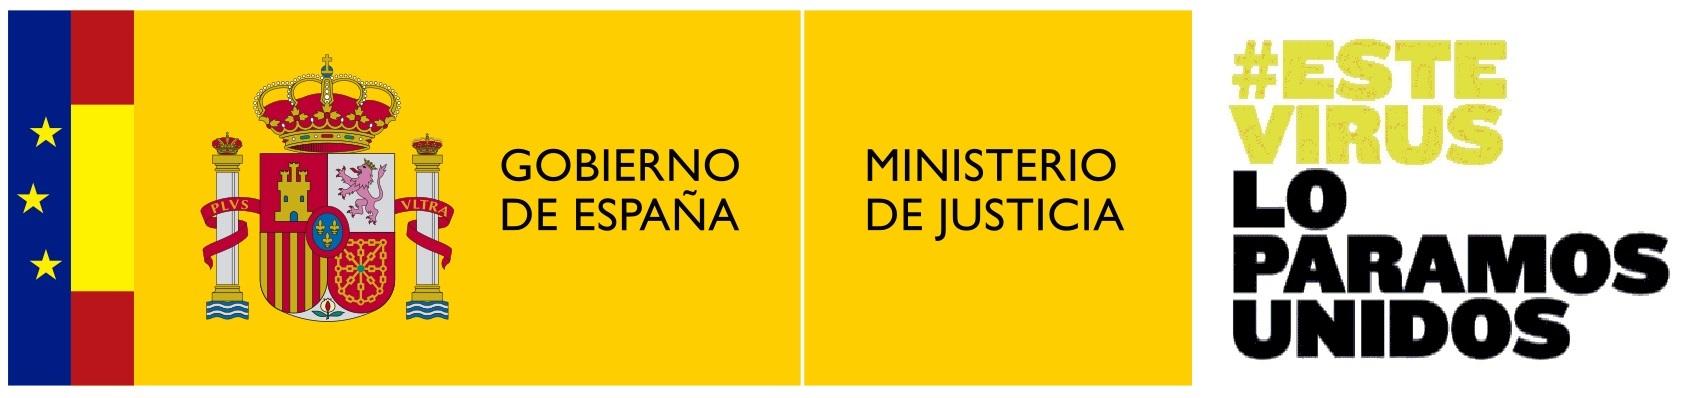 Logotipo_del_Ministerio_de_Justicia_virus_covid19